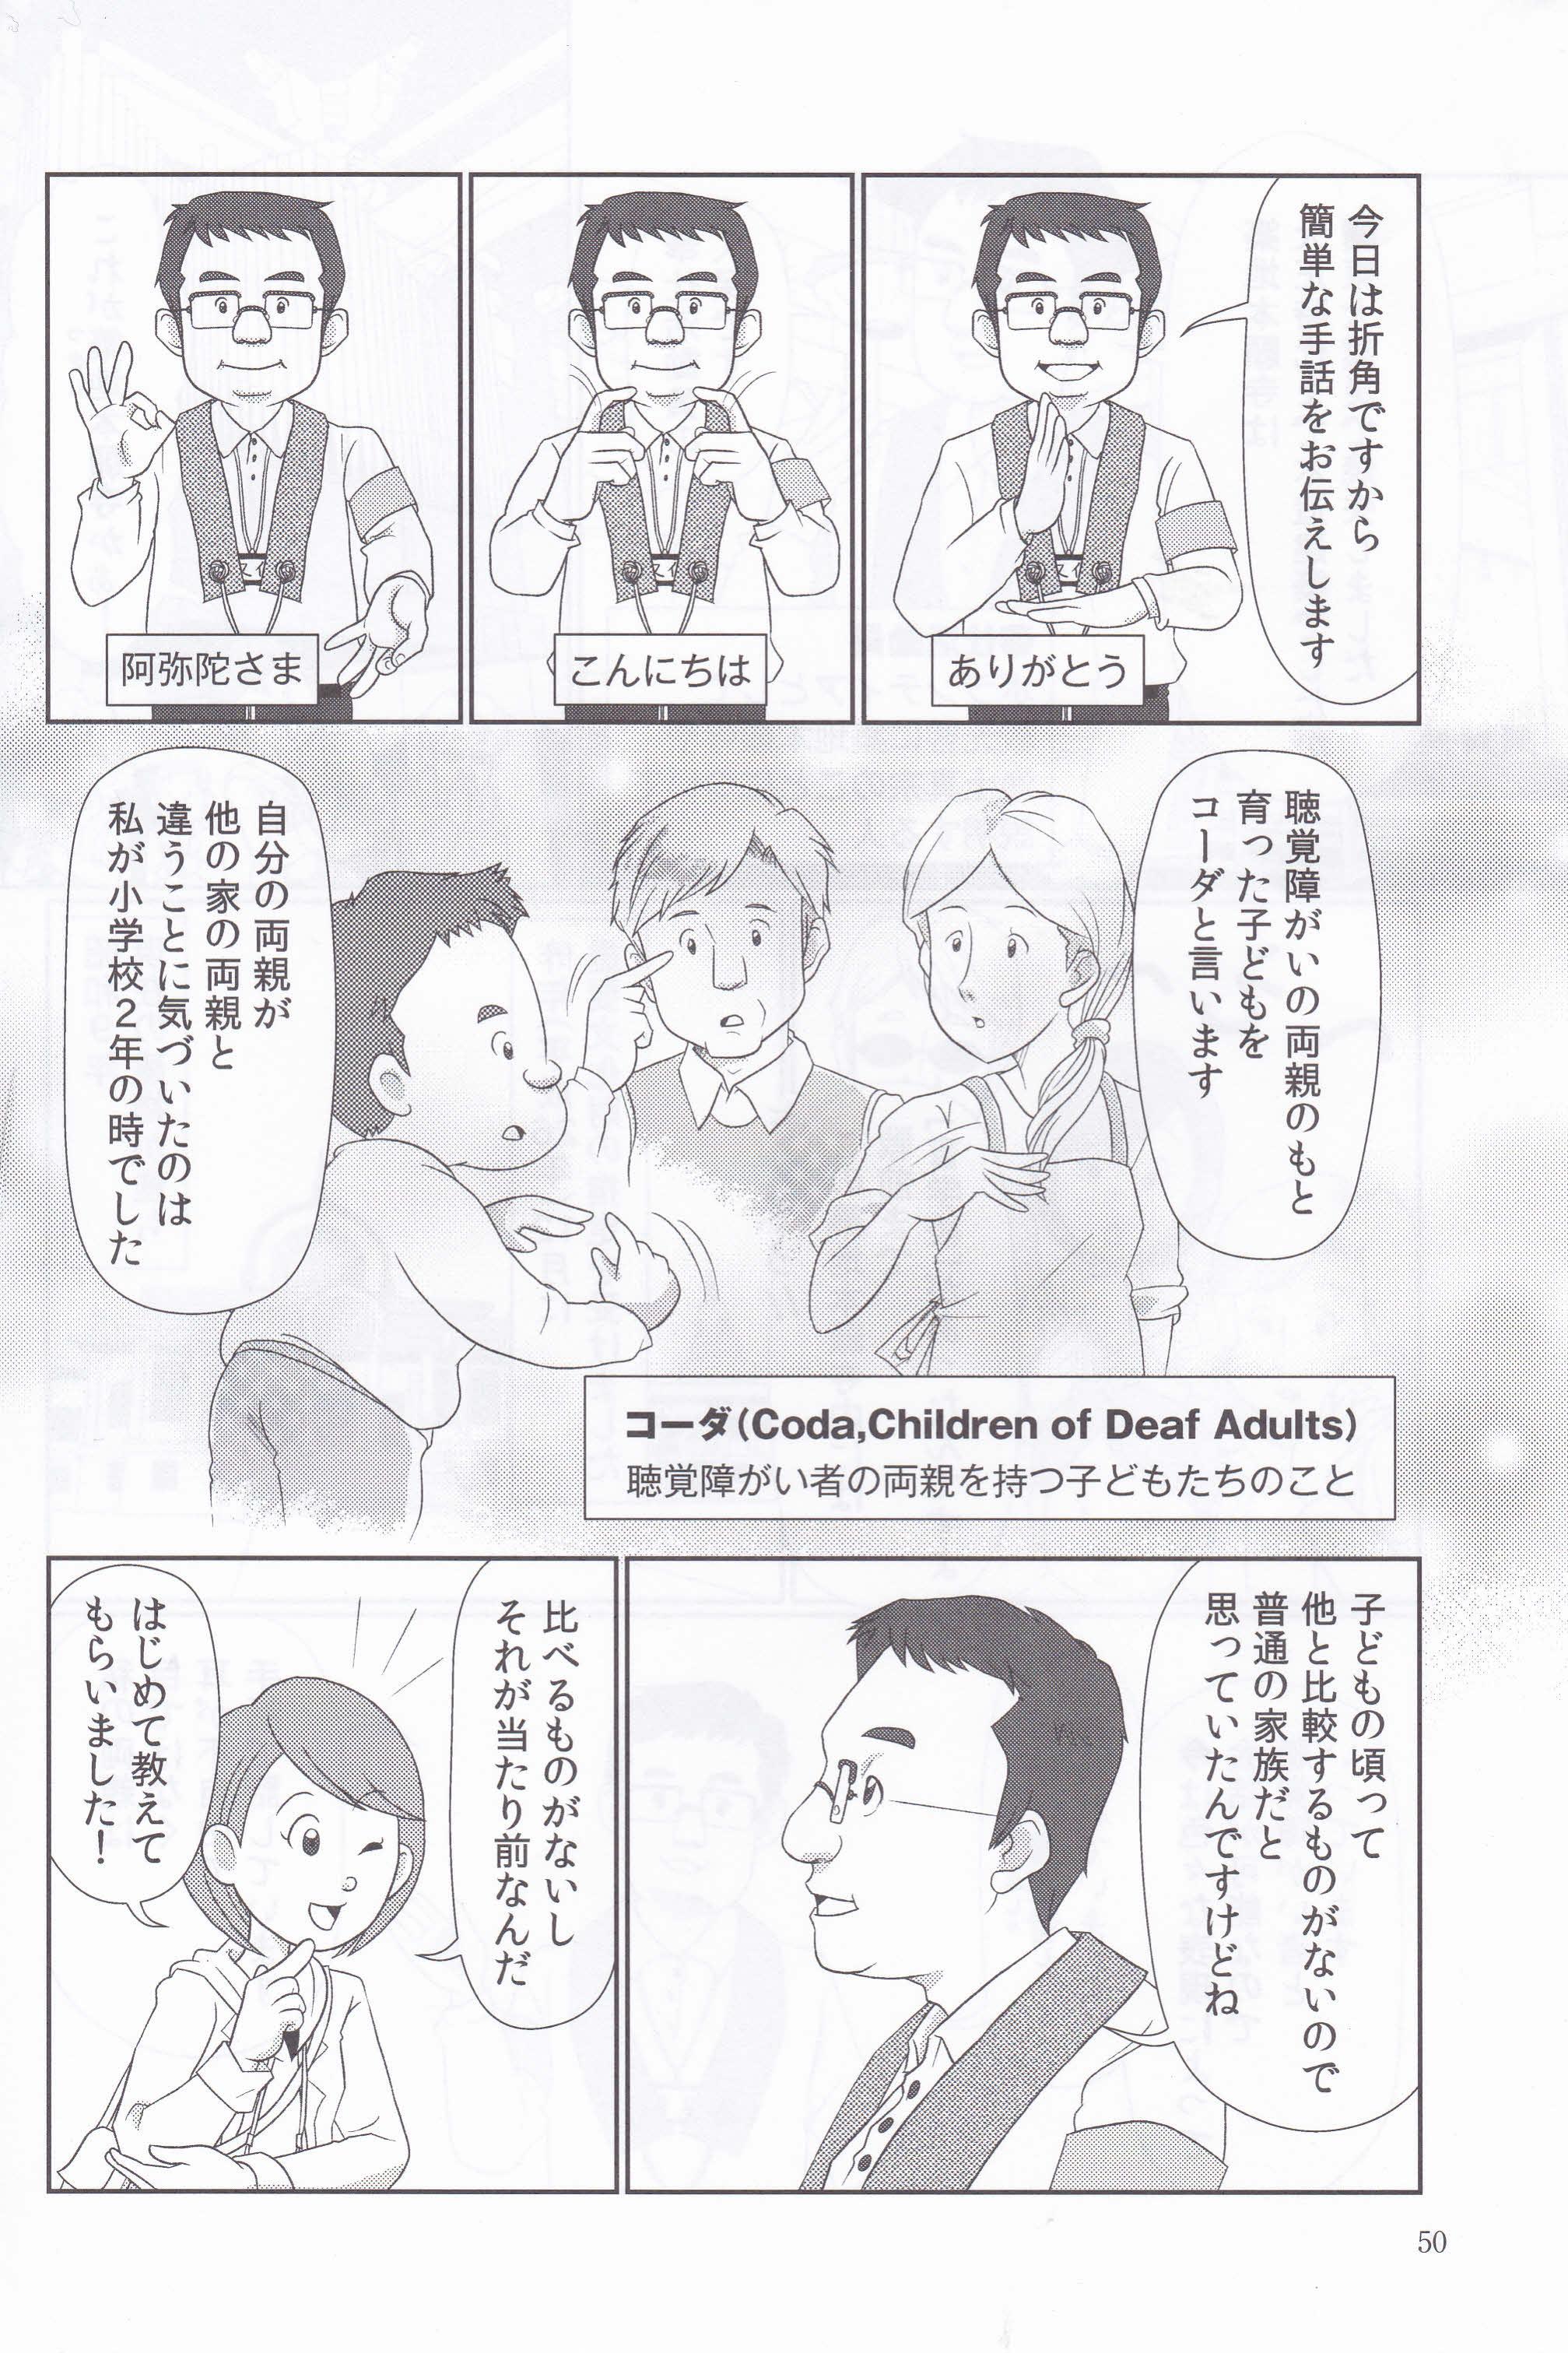 第2話5頁